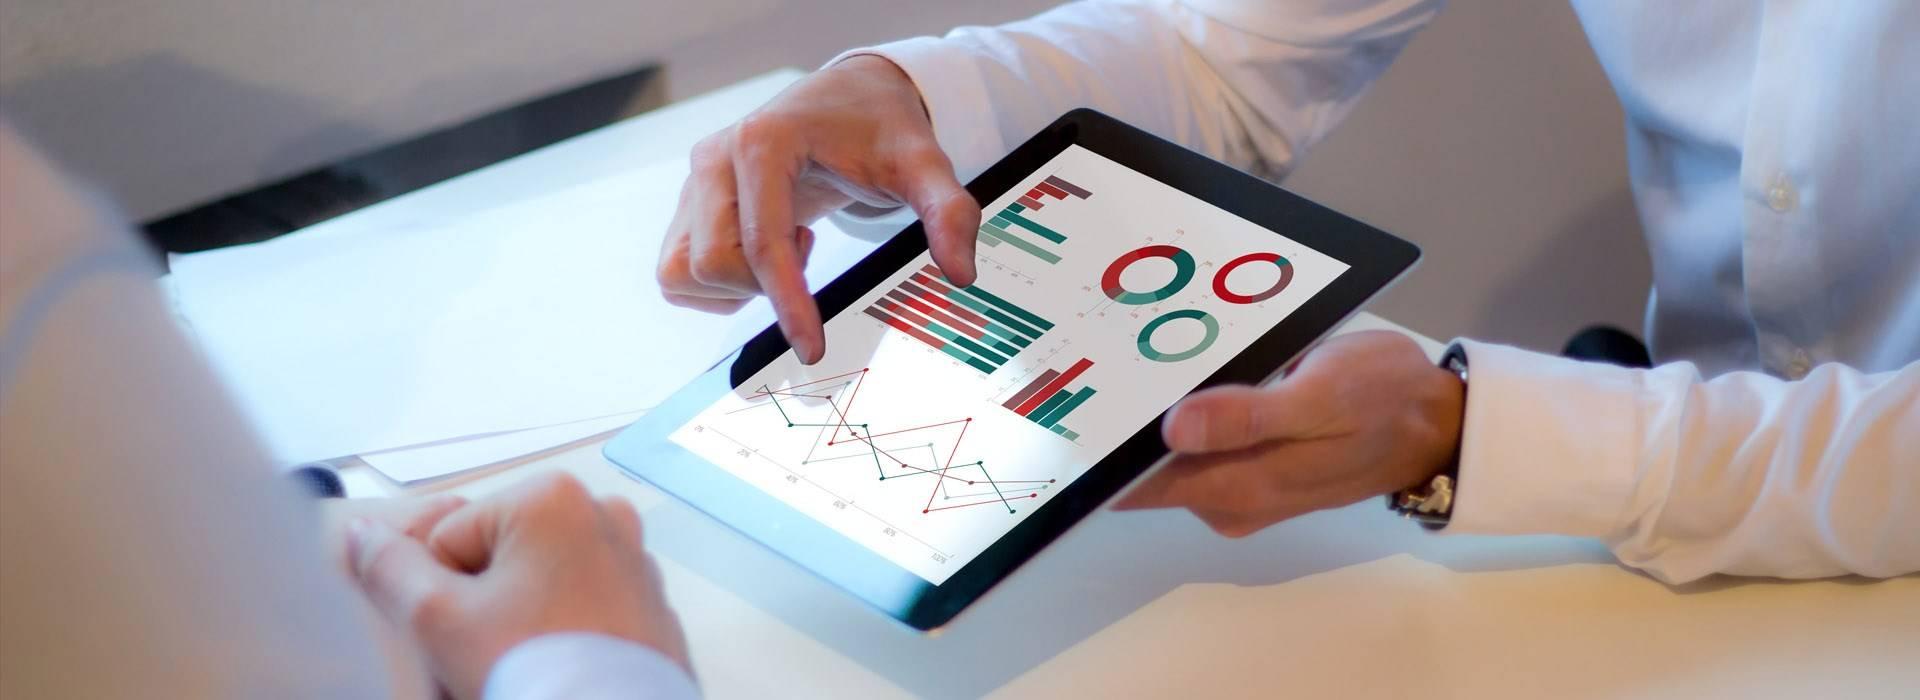 Картинки по запросу Отношение бизнеса к системе государственных торгов